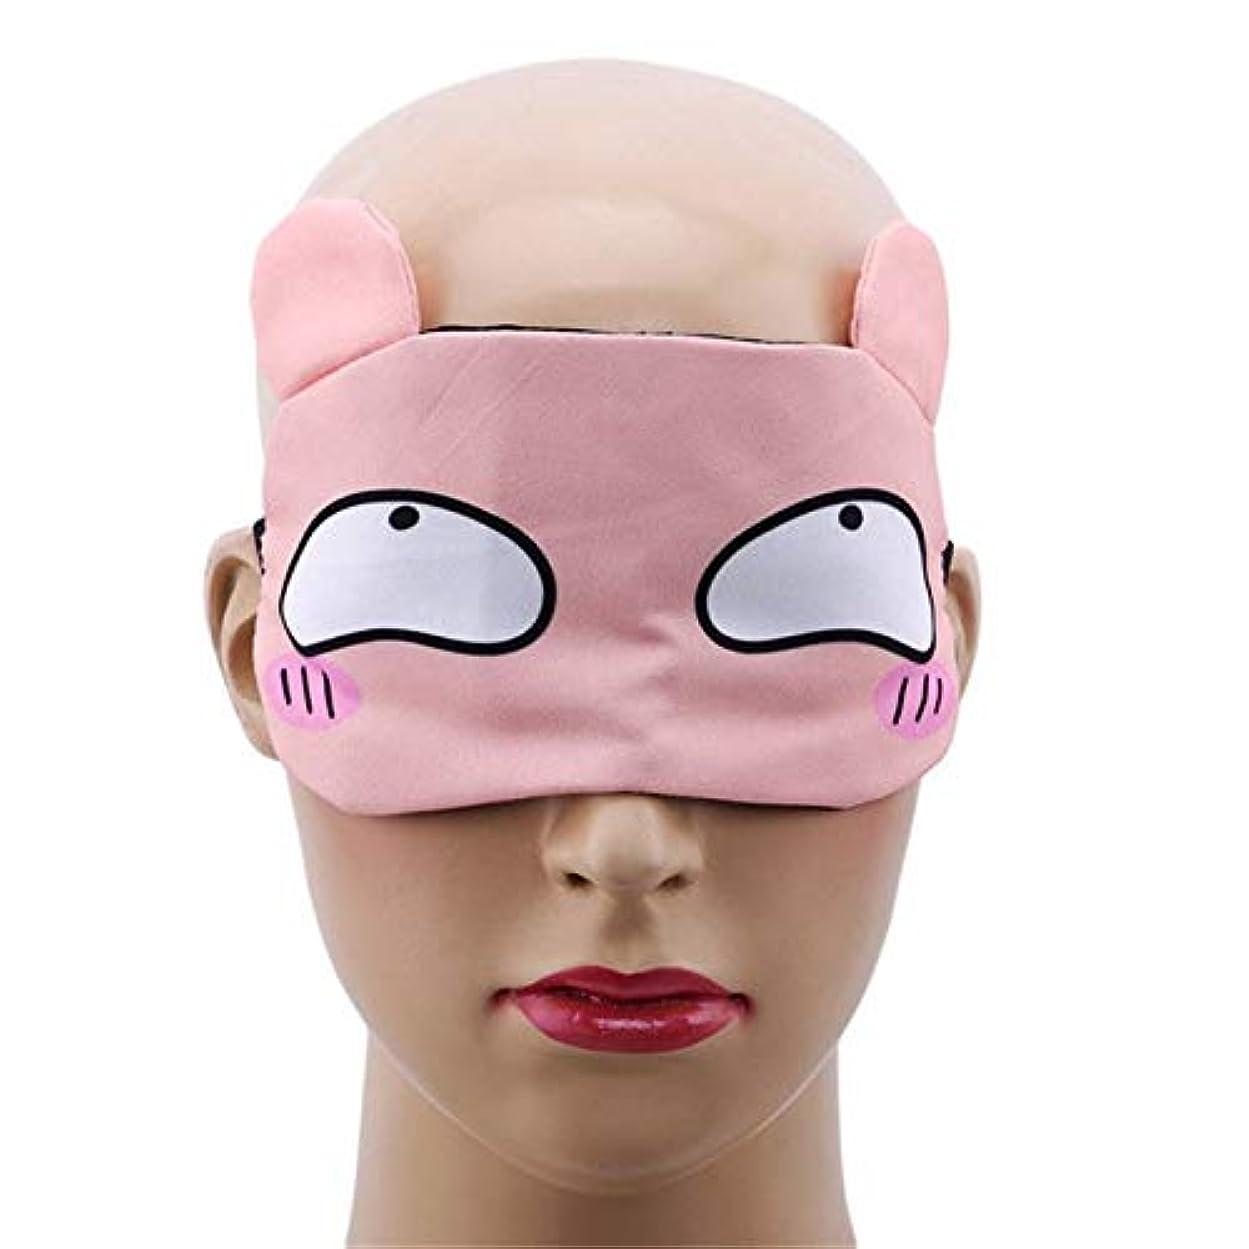 医学学期寝室を掃除するNOTE 新しいファッションかわいい漫画猫睡眠アイマスク高品質カワイイスタイルパッド入りシェードカバー旅行リラックス援助